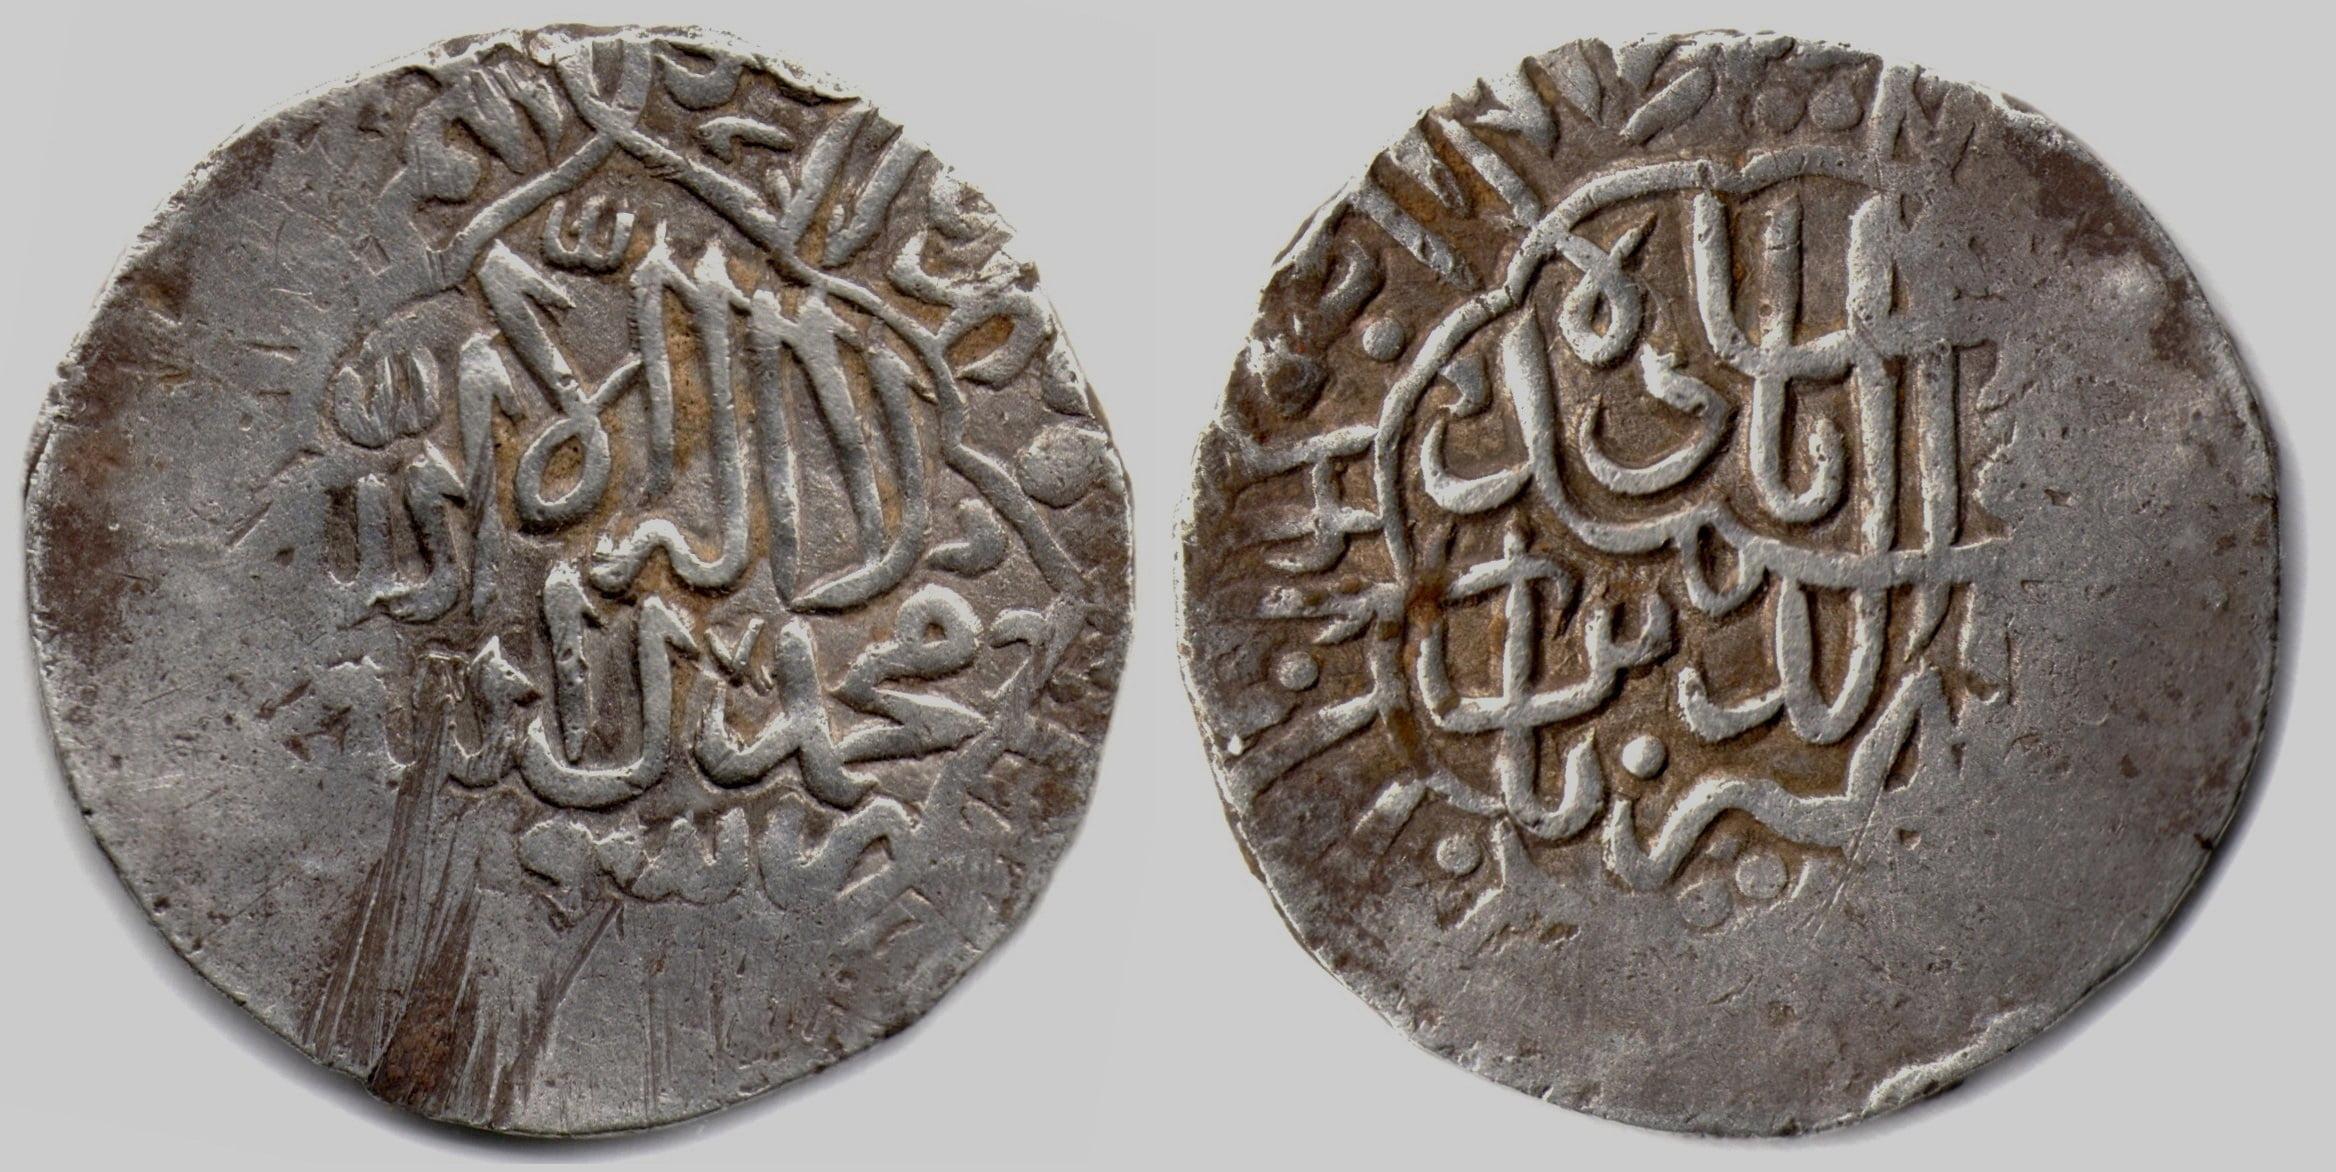 Timurid, AR shahrukhi, Zahir al-din Babur